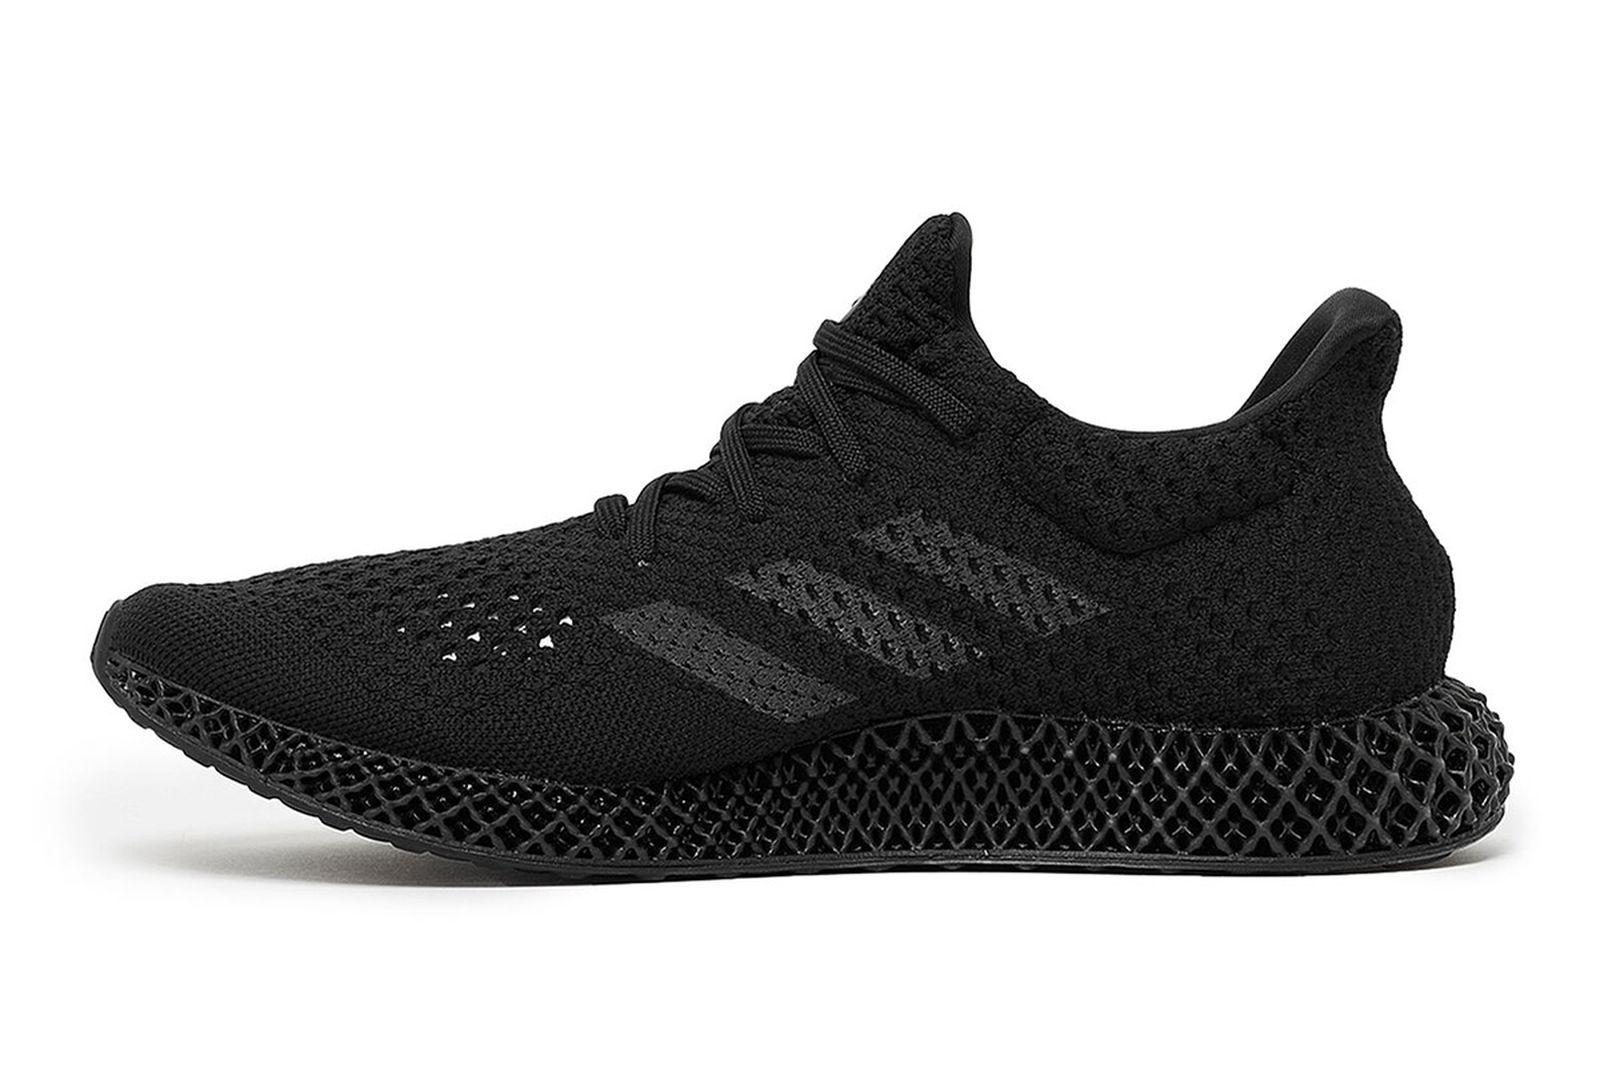 adidas-4d-futurecraft-triple-black-release-date-price-04